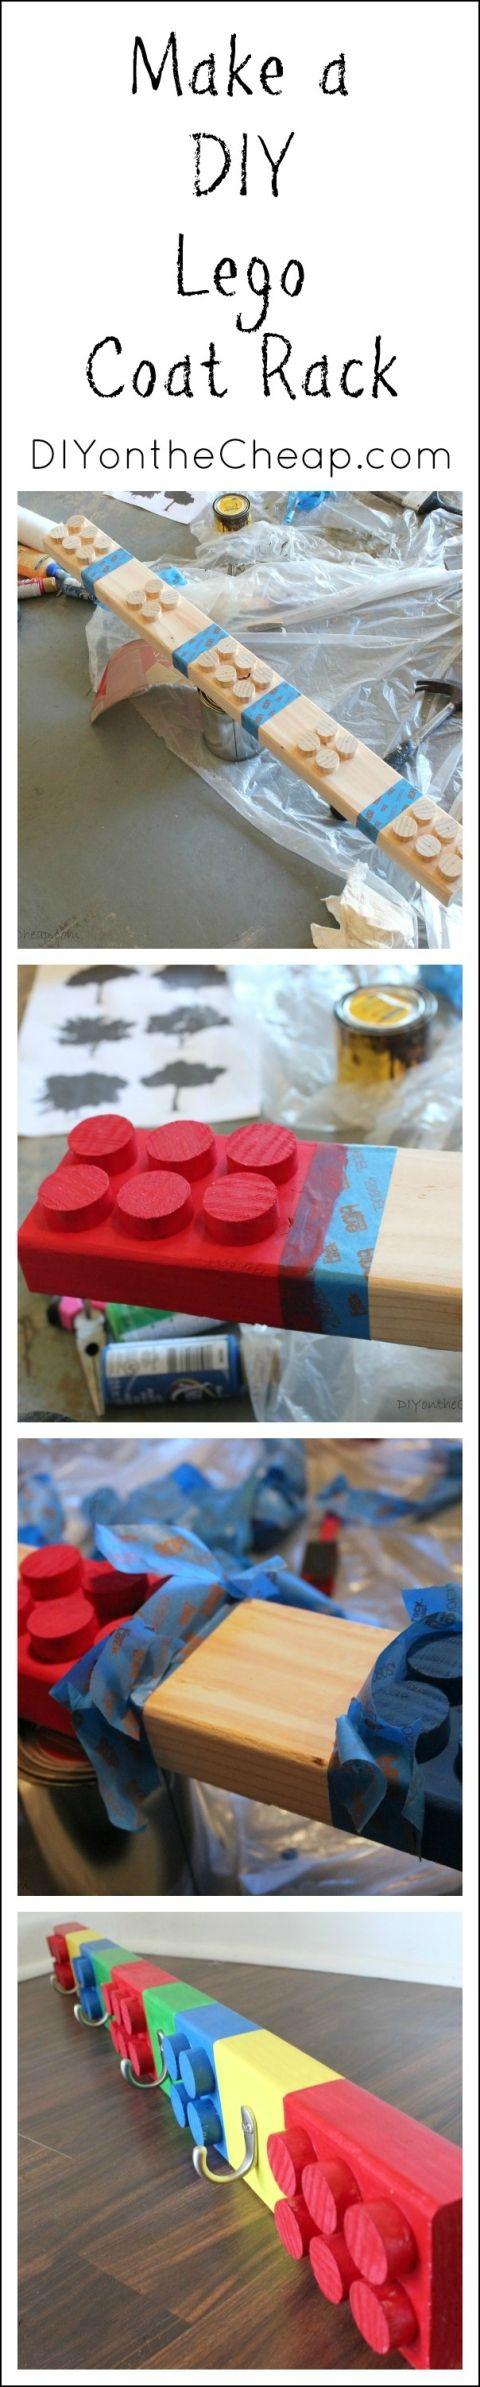 DIY Lego Coat Rack